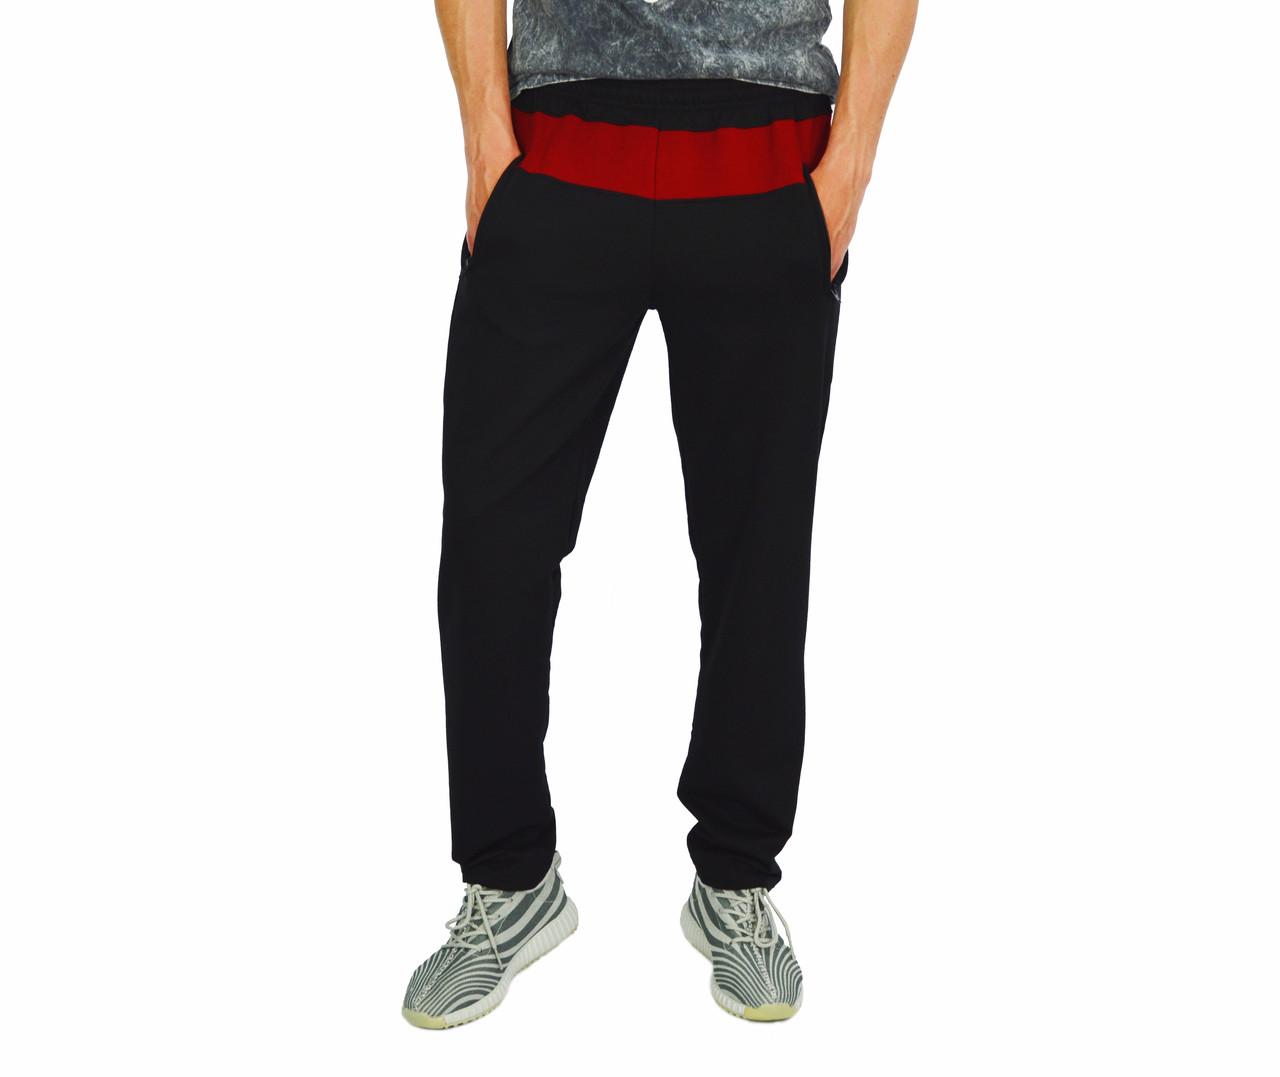 Черные с красной полоской мужские трикотажные штаны спортивные